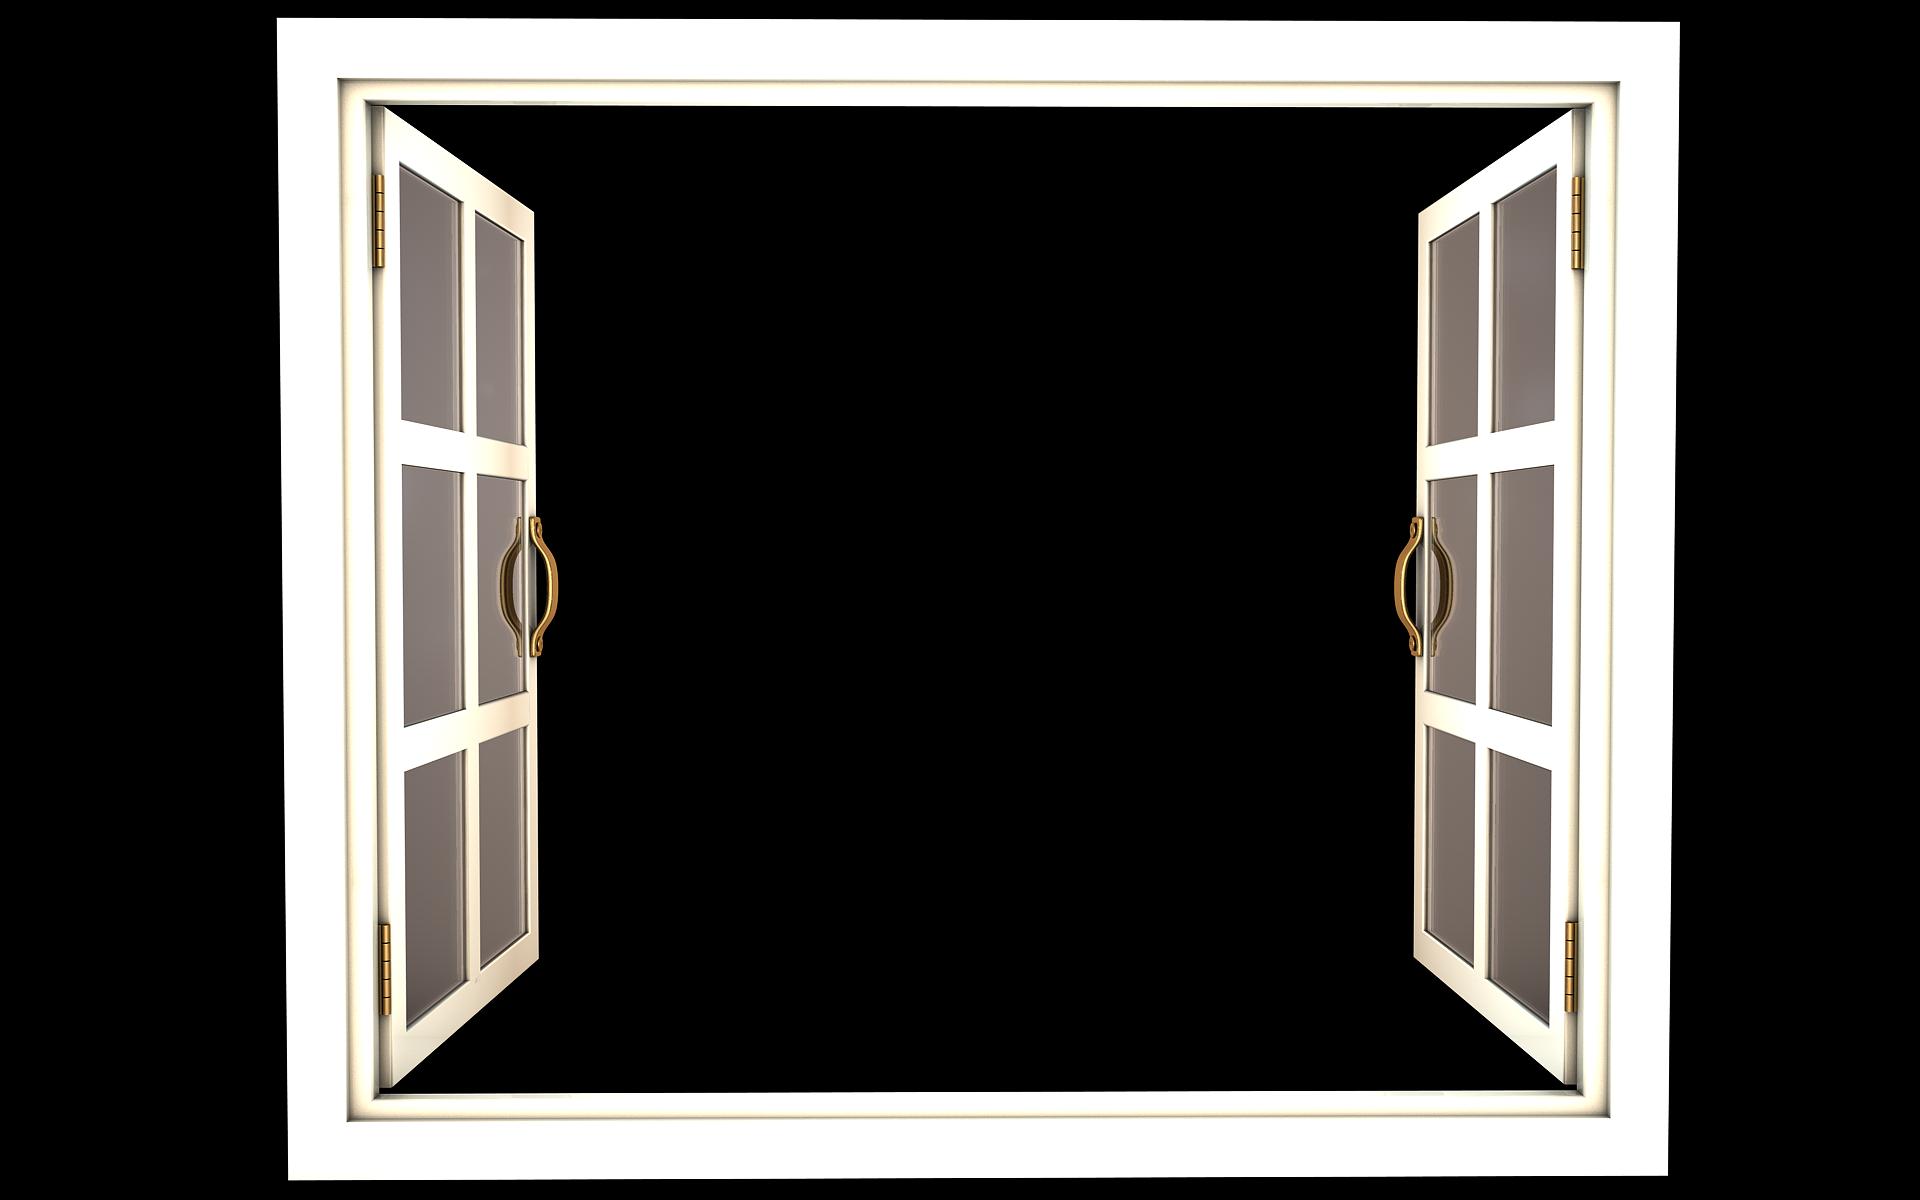 Screen Door Clip Art : Choose your window view geeklets